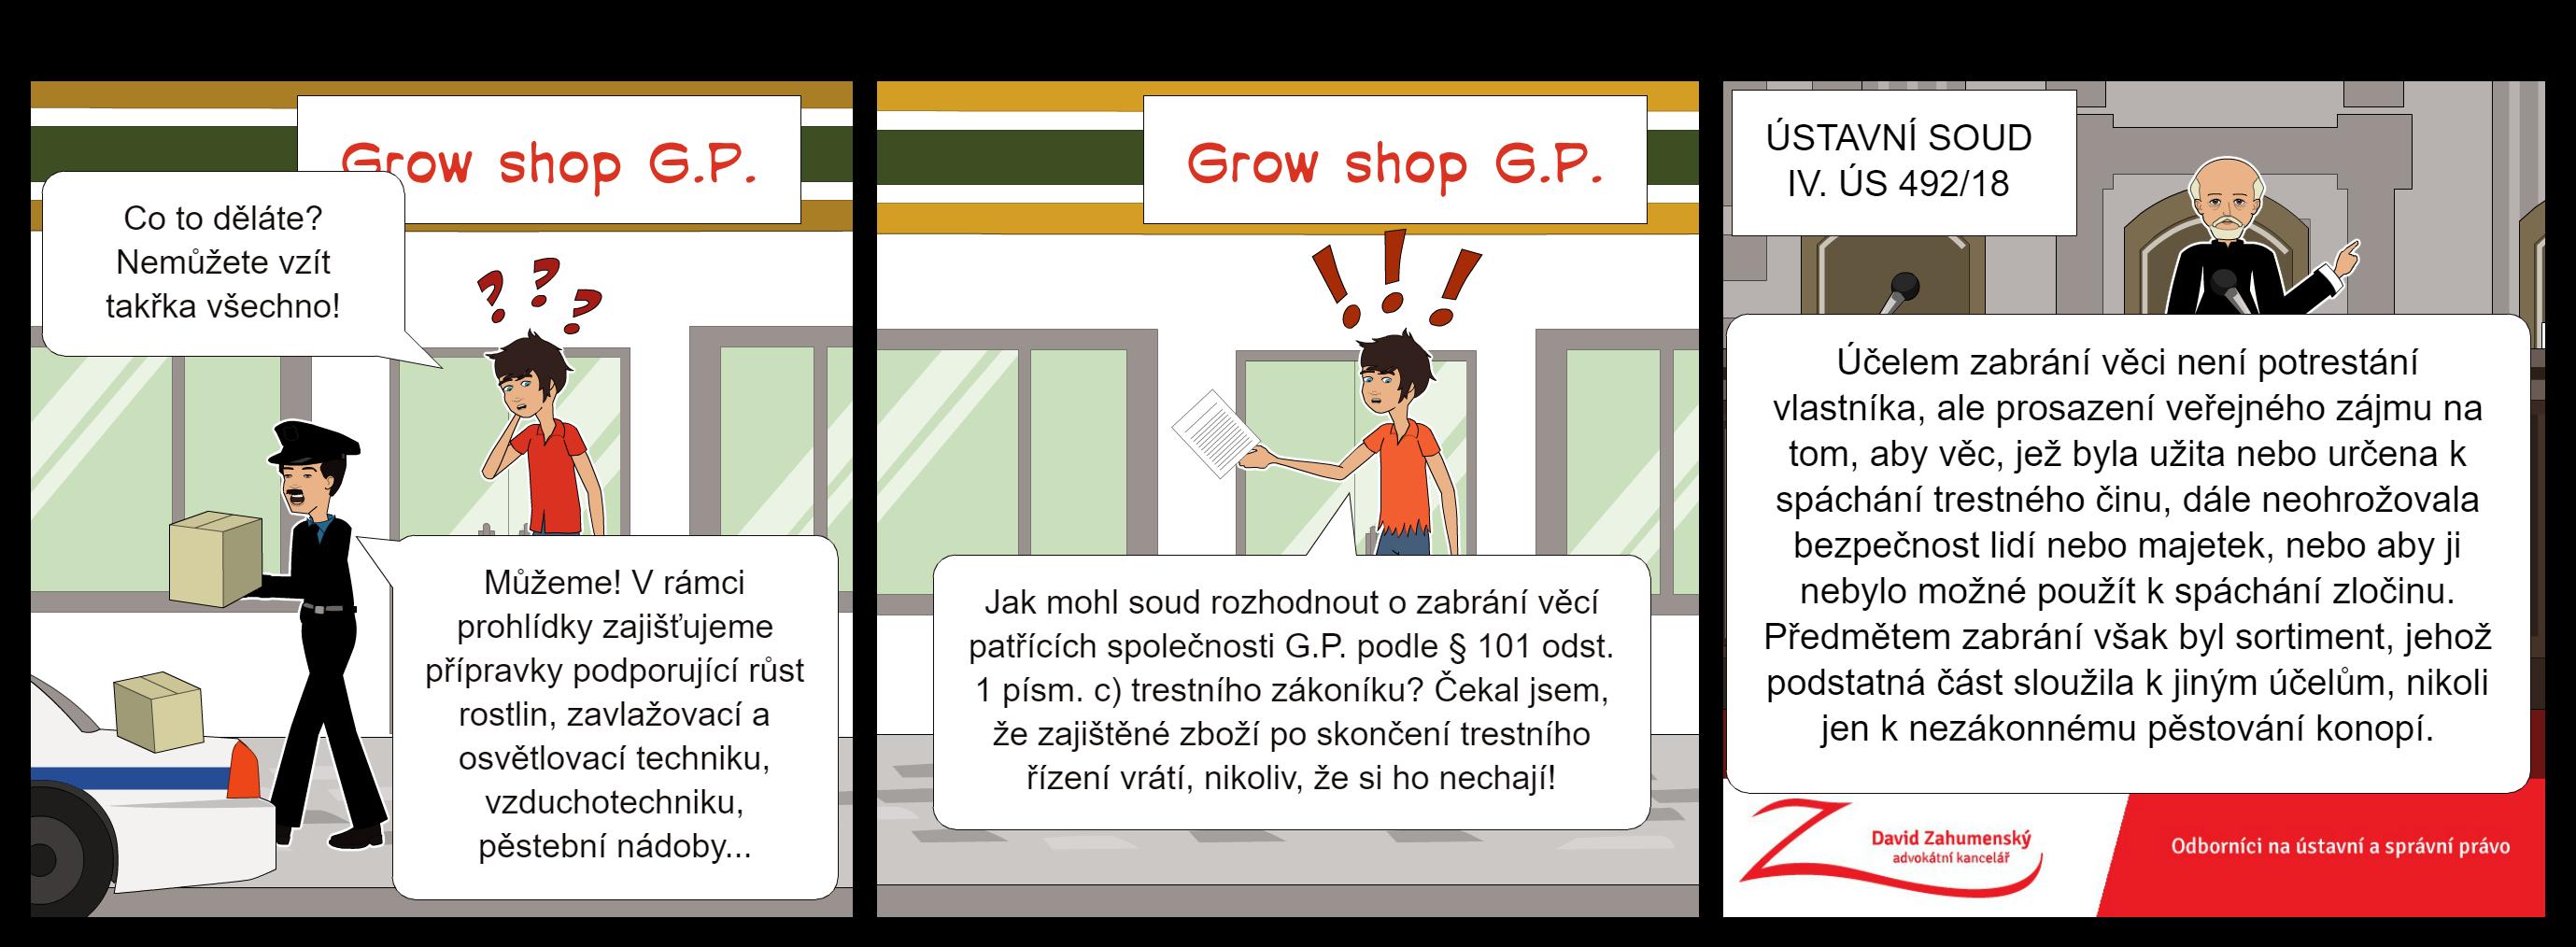 Komiks k nálezu Ústavního soudu sp. zn. IV. ÚS 492/18